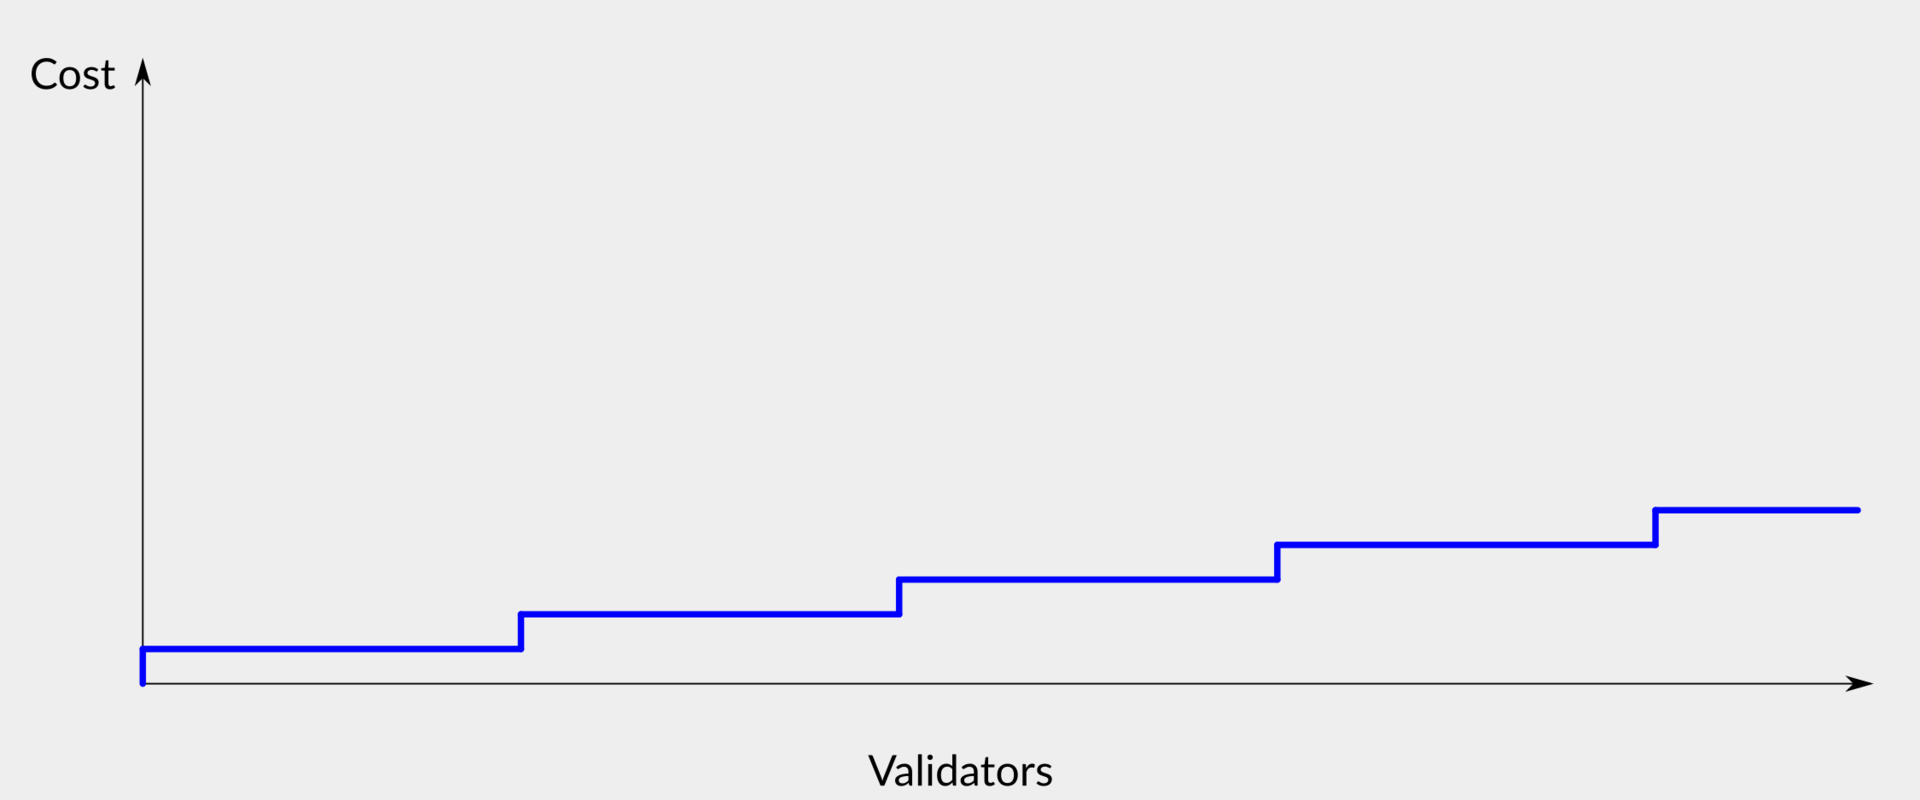 三个角度说透以太坊 2.0 的验证者成本